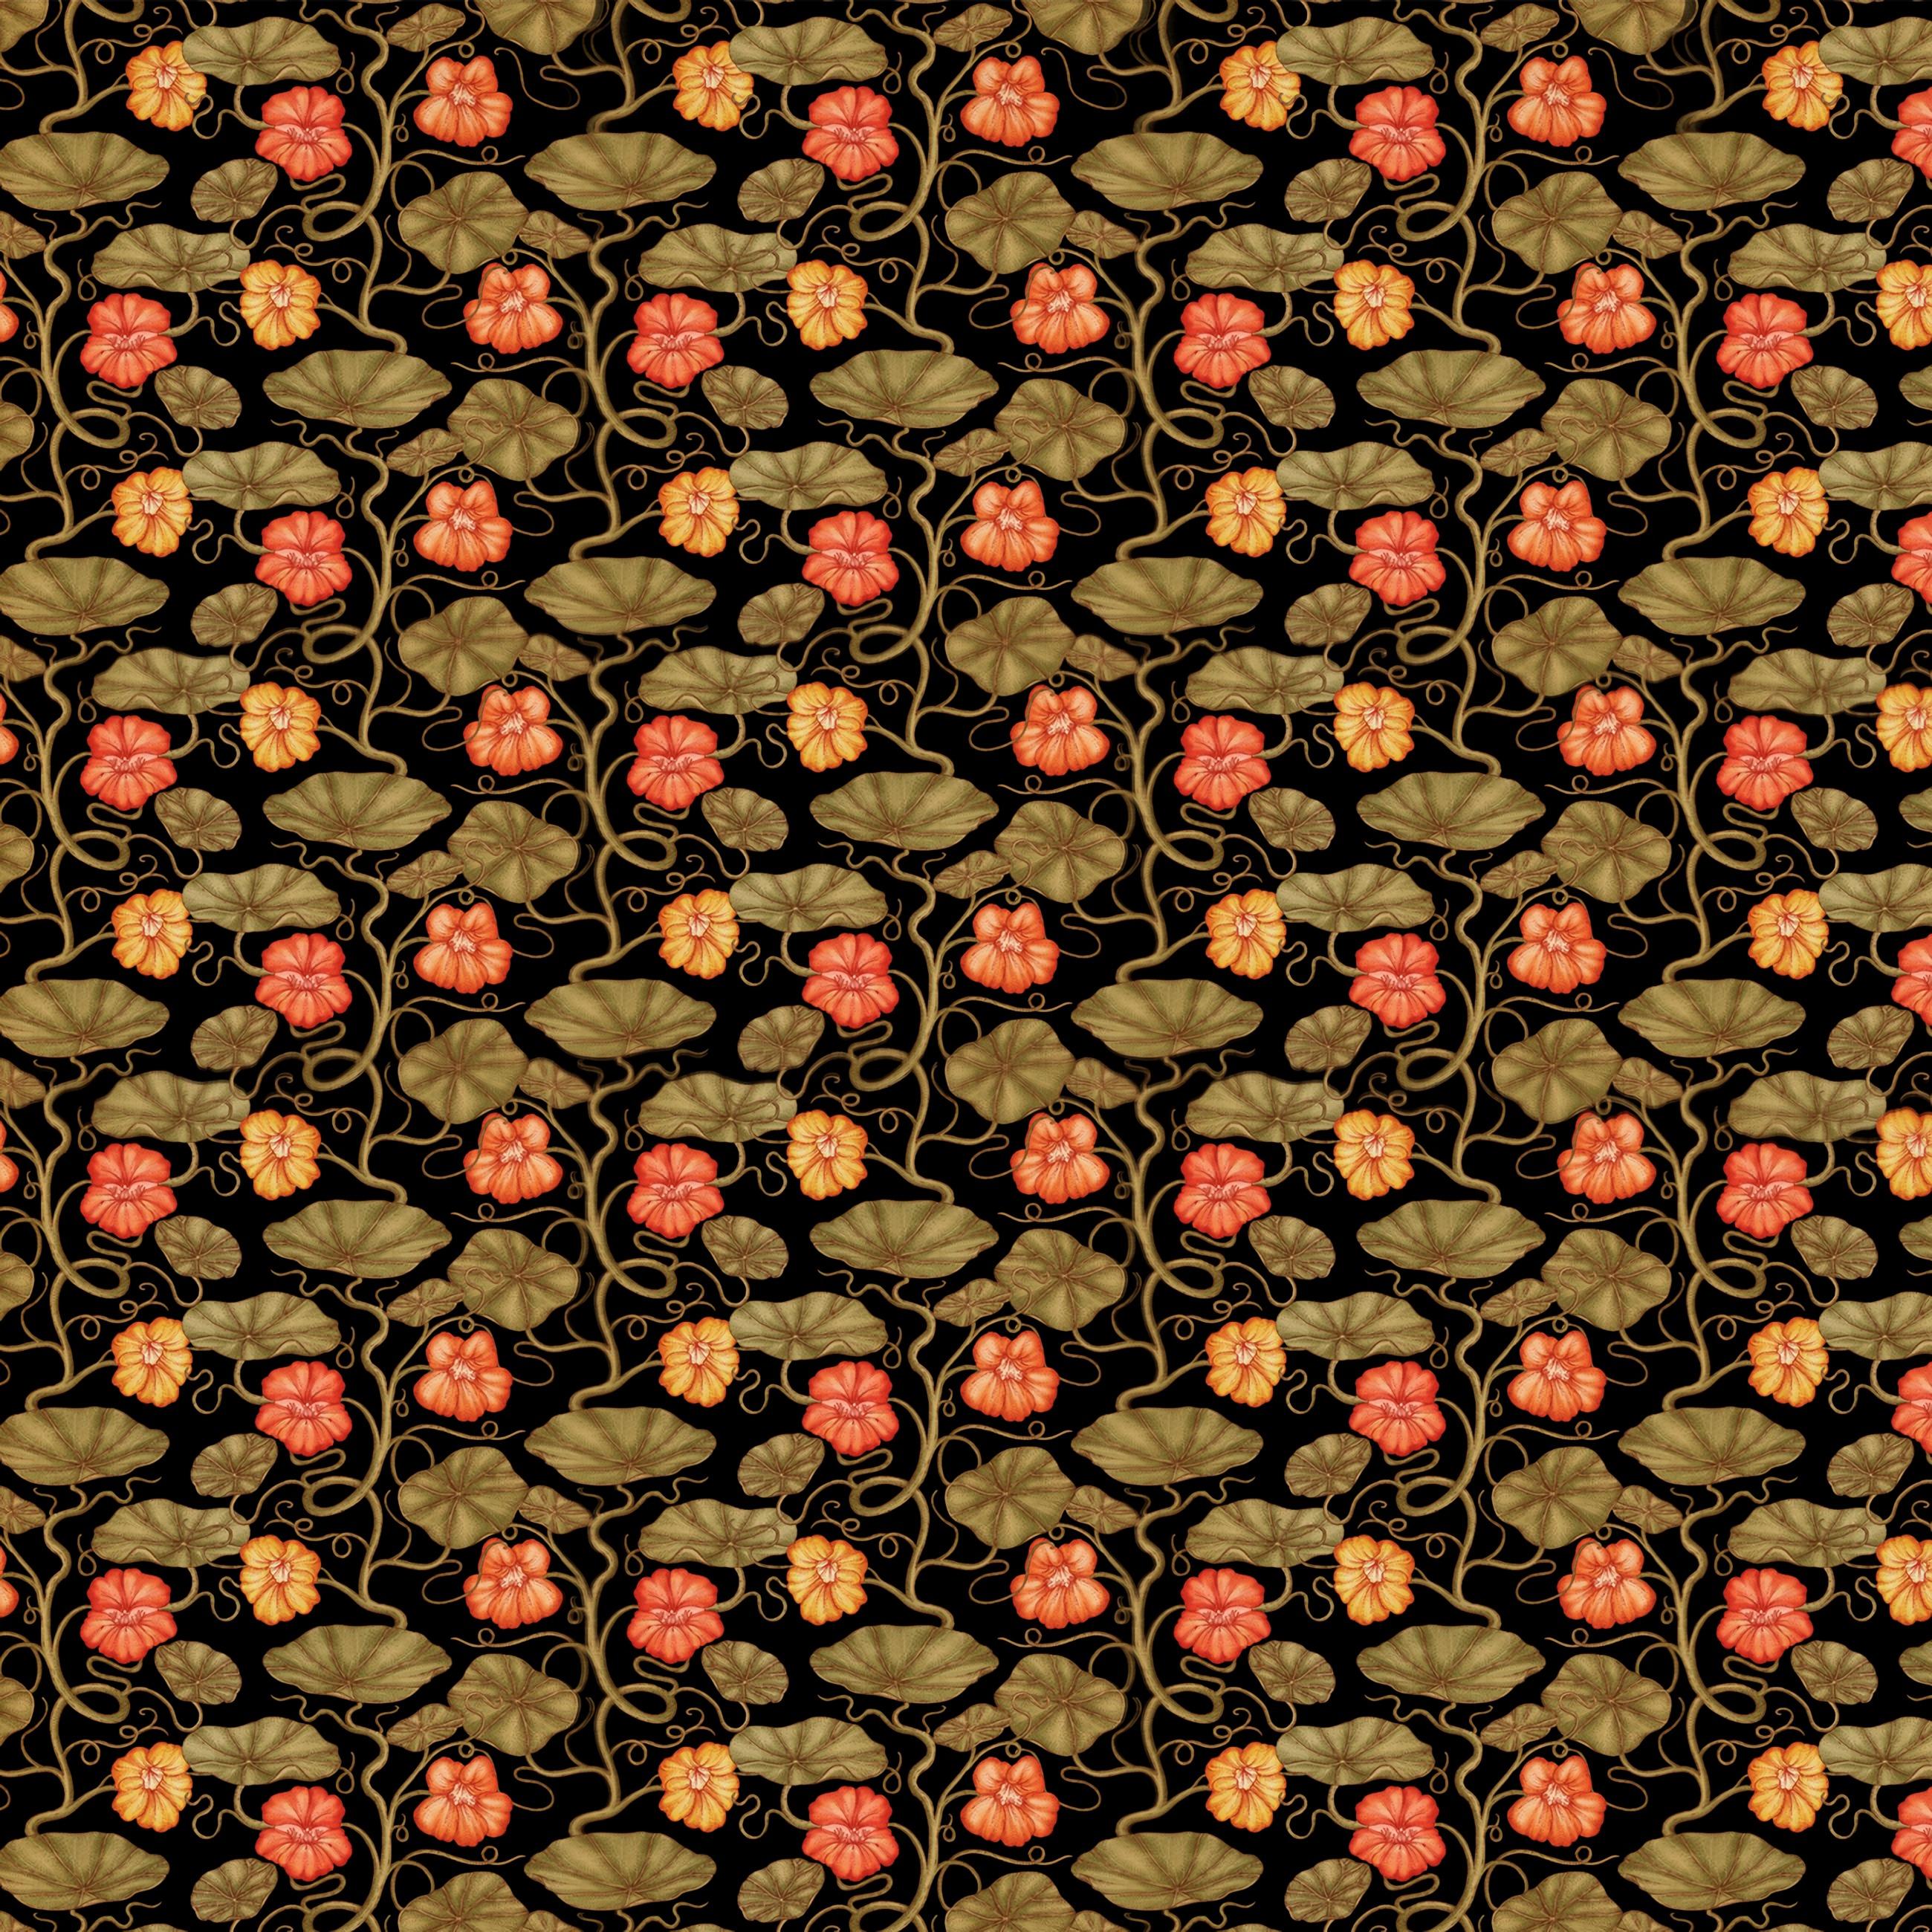 152054 скачать обои Текстуры, Паттерн, Узор, Листья, Стебли, Растения, Цветы - заставки и картинки бесплатно